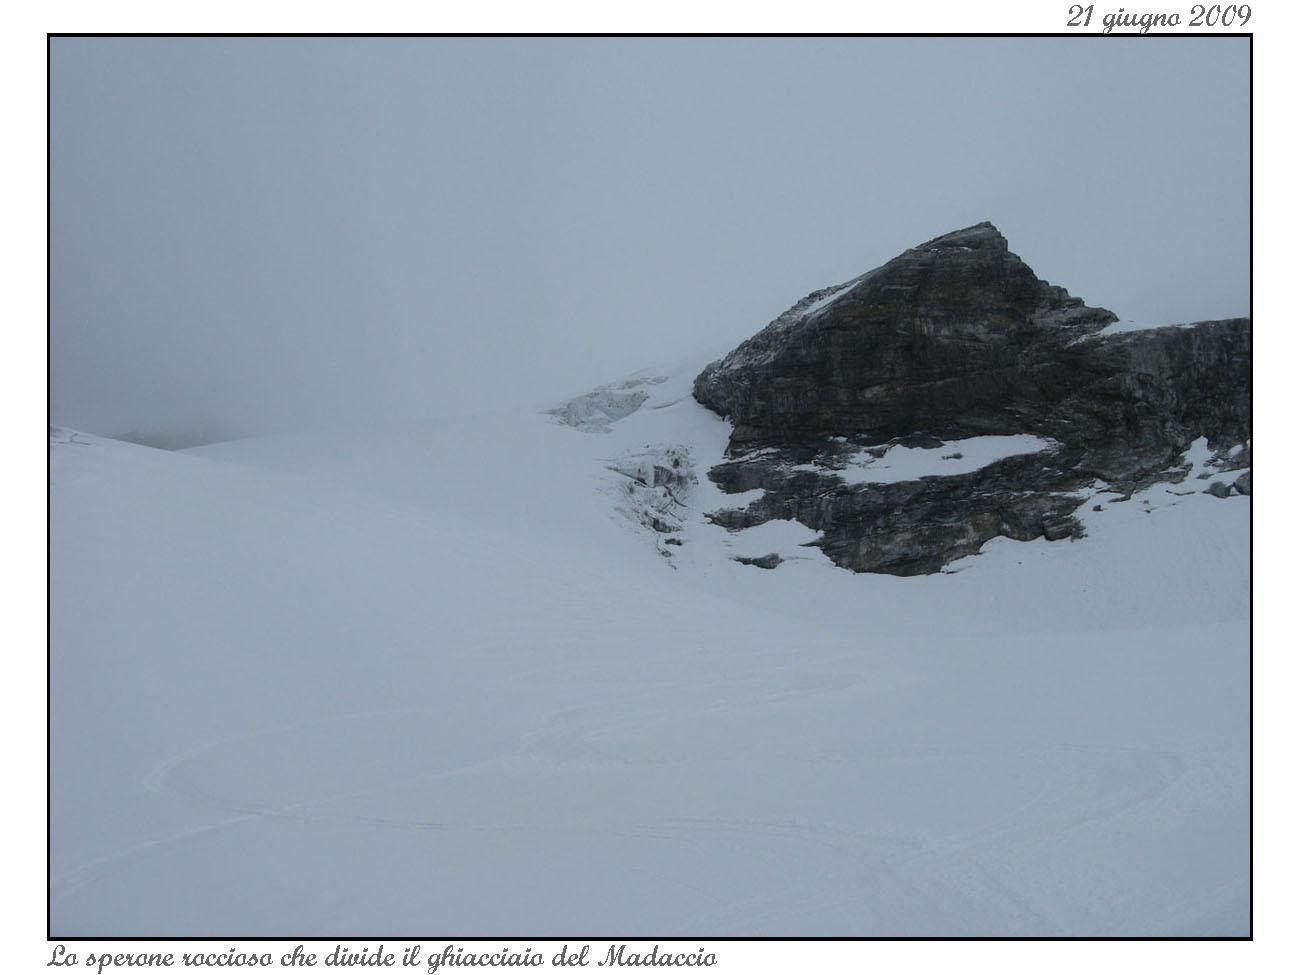 Il ghiacciaio del Madaccio e lo sperone roccioso da aggirare a sinistra.